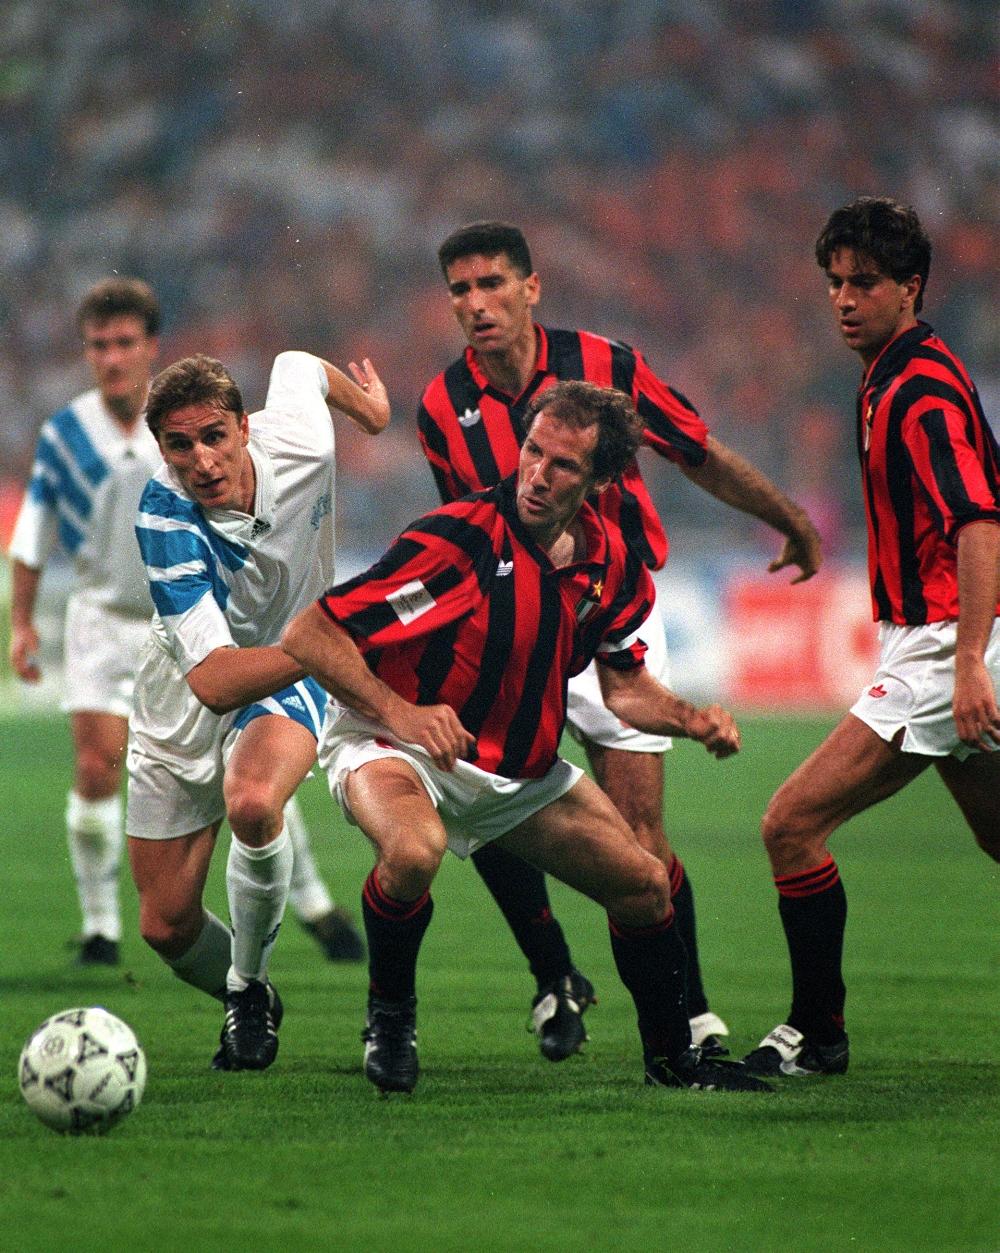 Marseilles Alen Boksic i kamp med Milan-legenden Franco Baresi i den første Champions League-finale. Marseille vandt 1-0, men blev senere tvangsnedrykket til 2. division på grund af en matchfixing-skandale.   Foto: Getty Images